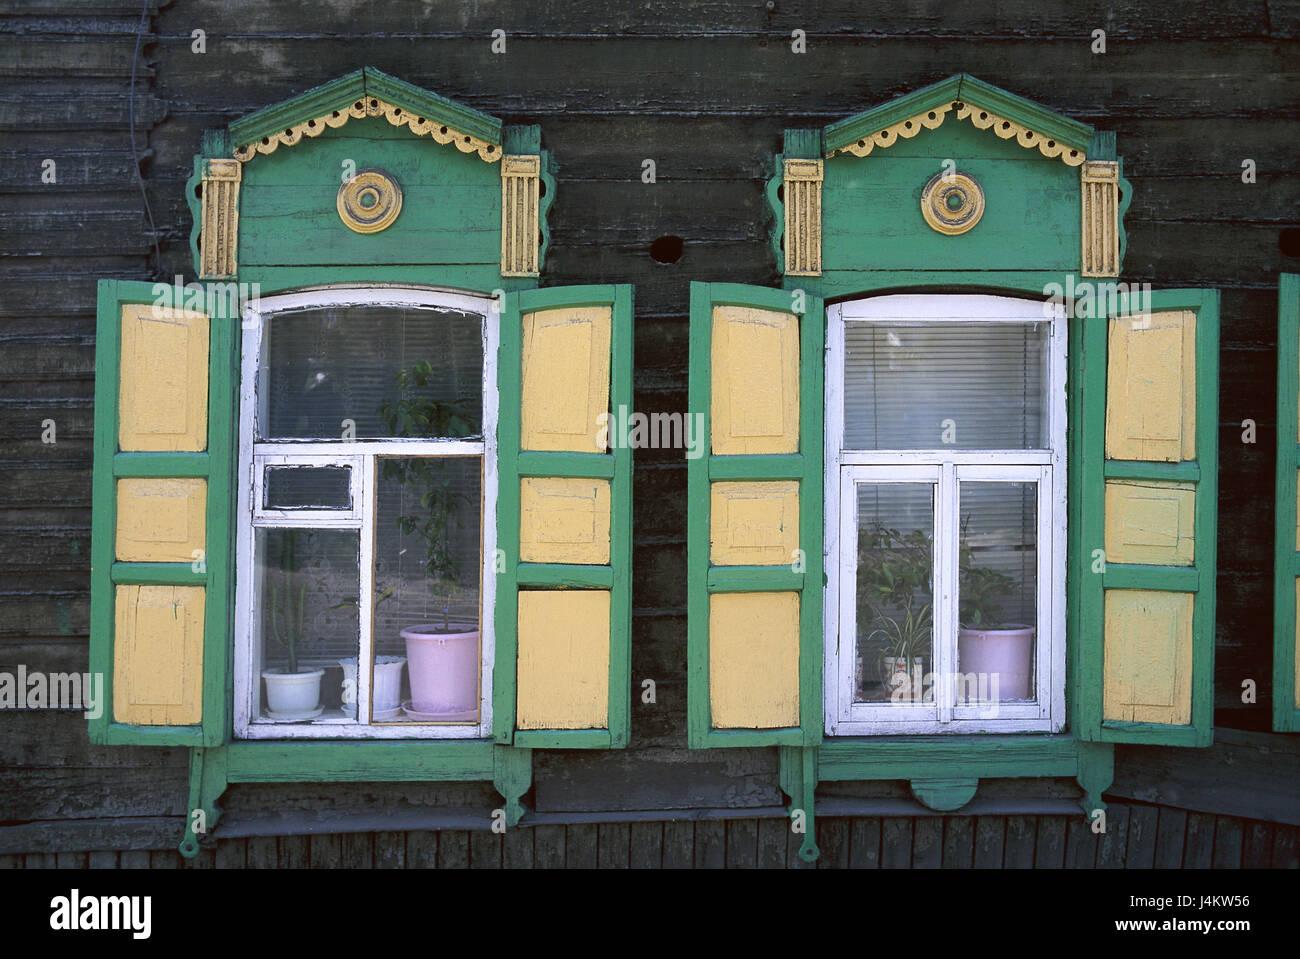 Russland Sibirien Irkutsk Holzhaus Fassade Detail Fenster